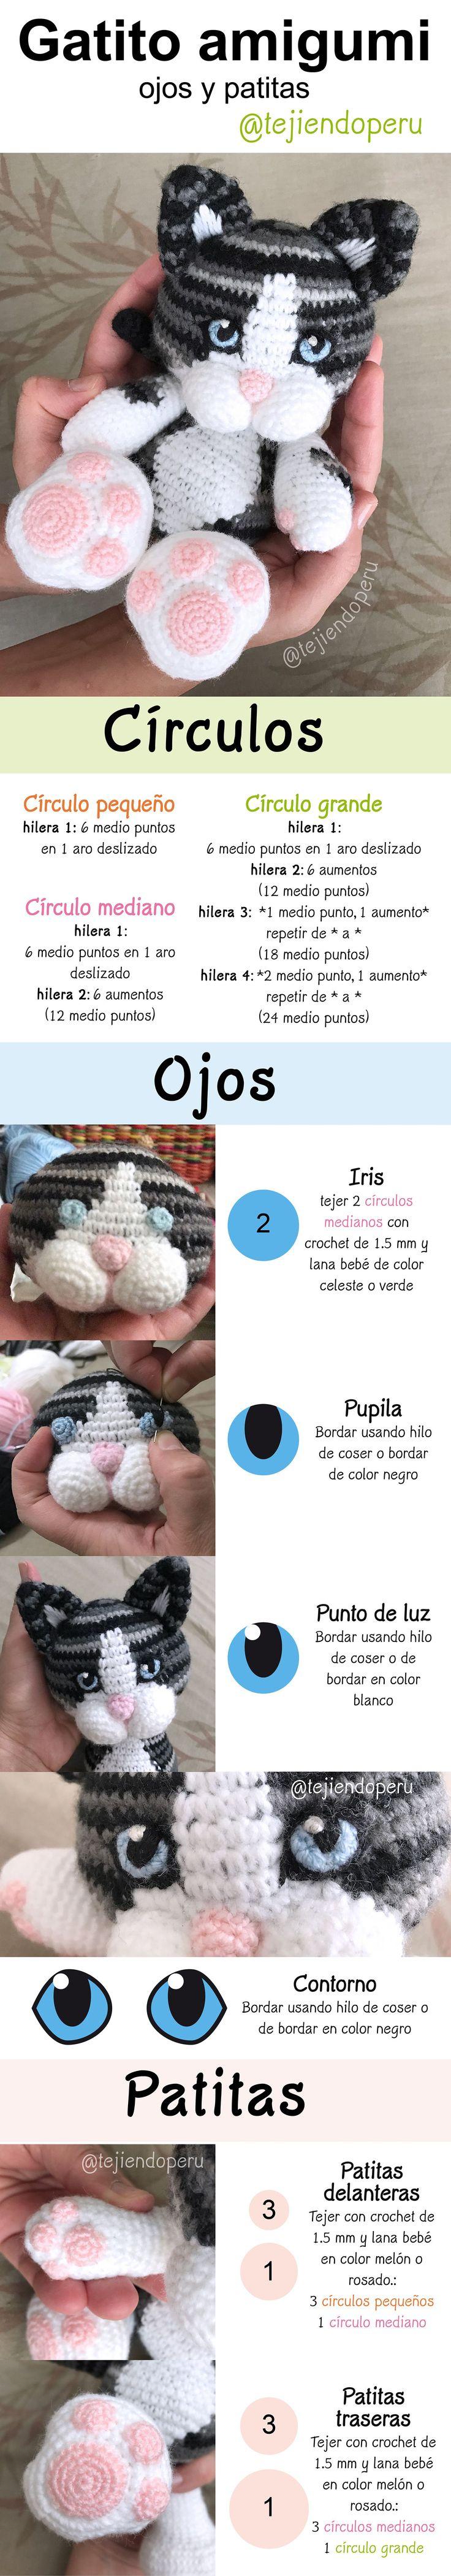 Gato amigurumi: detalle de los ojos y patitas! Paso a paso del gato en video tutorial